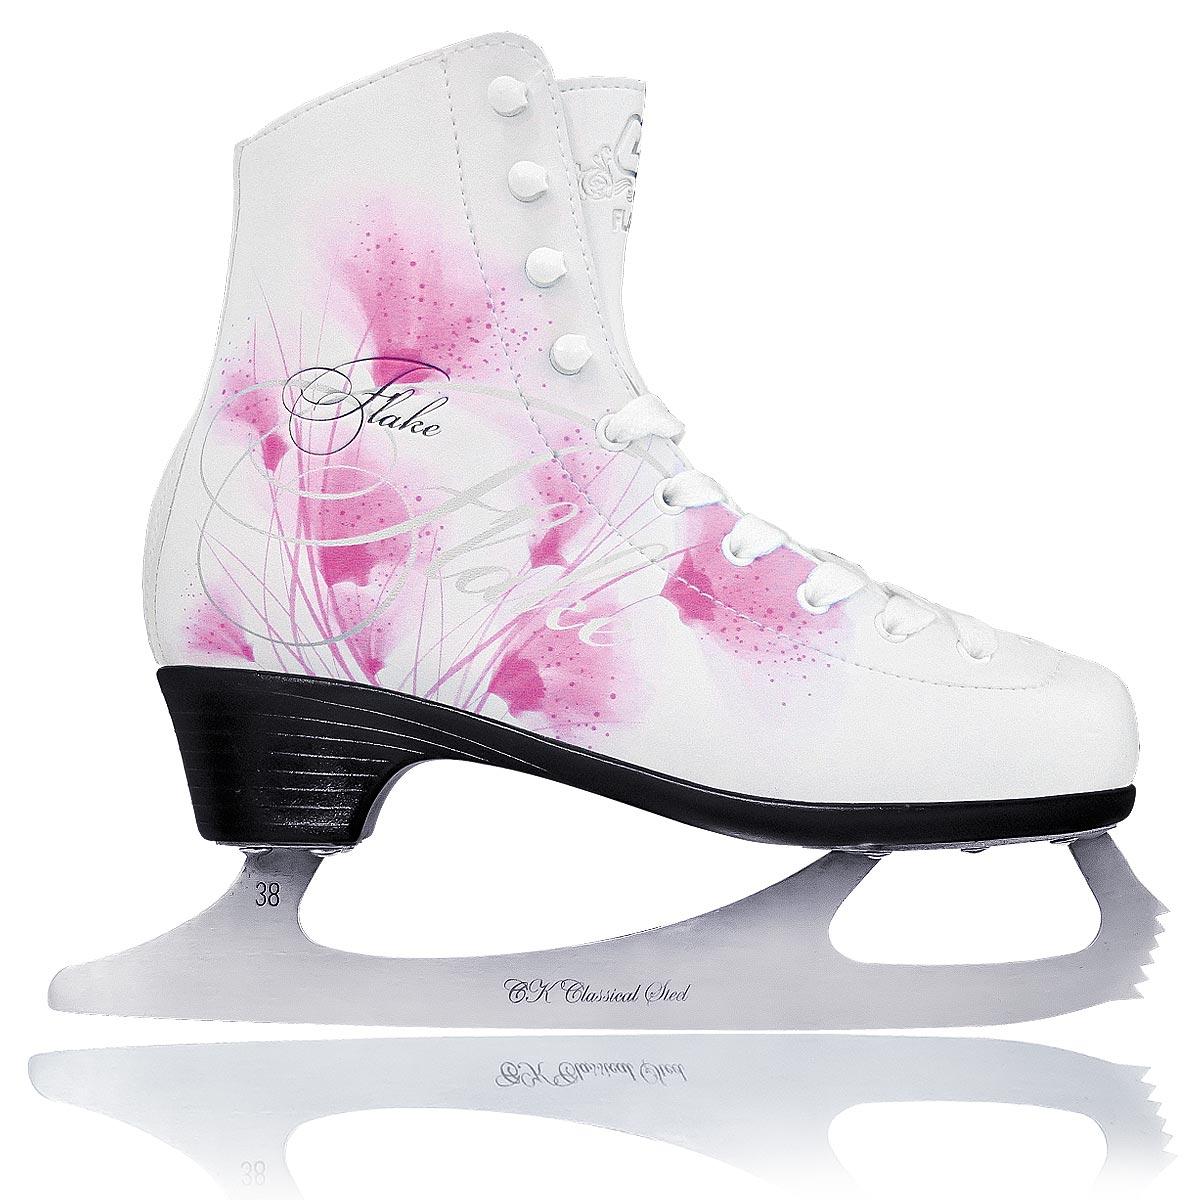 Коньки фигурные женские CK Flake Leather, цвет: белый, фуксия. Размер 36FLAKE leather_белый, фуксия_36Фигурные коньки от CK Flake Leather идеально подойдут для любительского катания. Модель выполнена из современной морозоустойчивой искусственной кожи с высокой, плотной колодкой и усиленным задником, обеспечивающим боковую поддержку ноги. Внутренняя поверхность из натуральной кожи обеспечивает удобство во время движения. Анатомический язычок из войлока и искусственной кожи идеально облегает стопу и повышает комфорт. Стелька из упругого пенного полимерного материала EVA предназначена для быстрой адаптации ботинка к индивидуальным формам ноги и ее комфортного положения.Ботинок полностью обволакивает ногу, обеспечивает прочную и удобную фиксацию ноги, а также повышенную защиту от ударов. Модель фиксируется на ноге классической шнуровкой.Лезвие выполнено из нержавеющей стали, оно обладает высокой твердостью и долго держит заточку. Модель имеет запатентованную форму лезвия. Уменьшенная передняя пластина и расположение точек опоры стоек оптимально располагают переднюю точку баланса и позволяют улучшить контроль при опоре на переднюю часть конька.Новая запатентованная подошва Graceful обладает элегантным дизайном, повышенной твердостью и пониженным весом. Более высокий каблук делает ногу более изящной и стройной, а также повышает управляемость и маневренность конька.